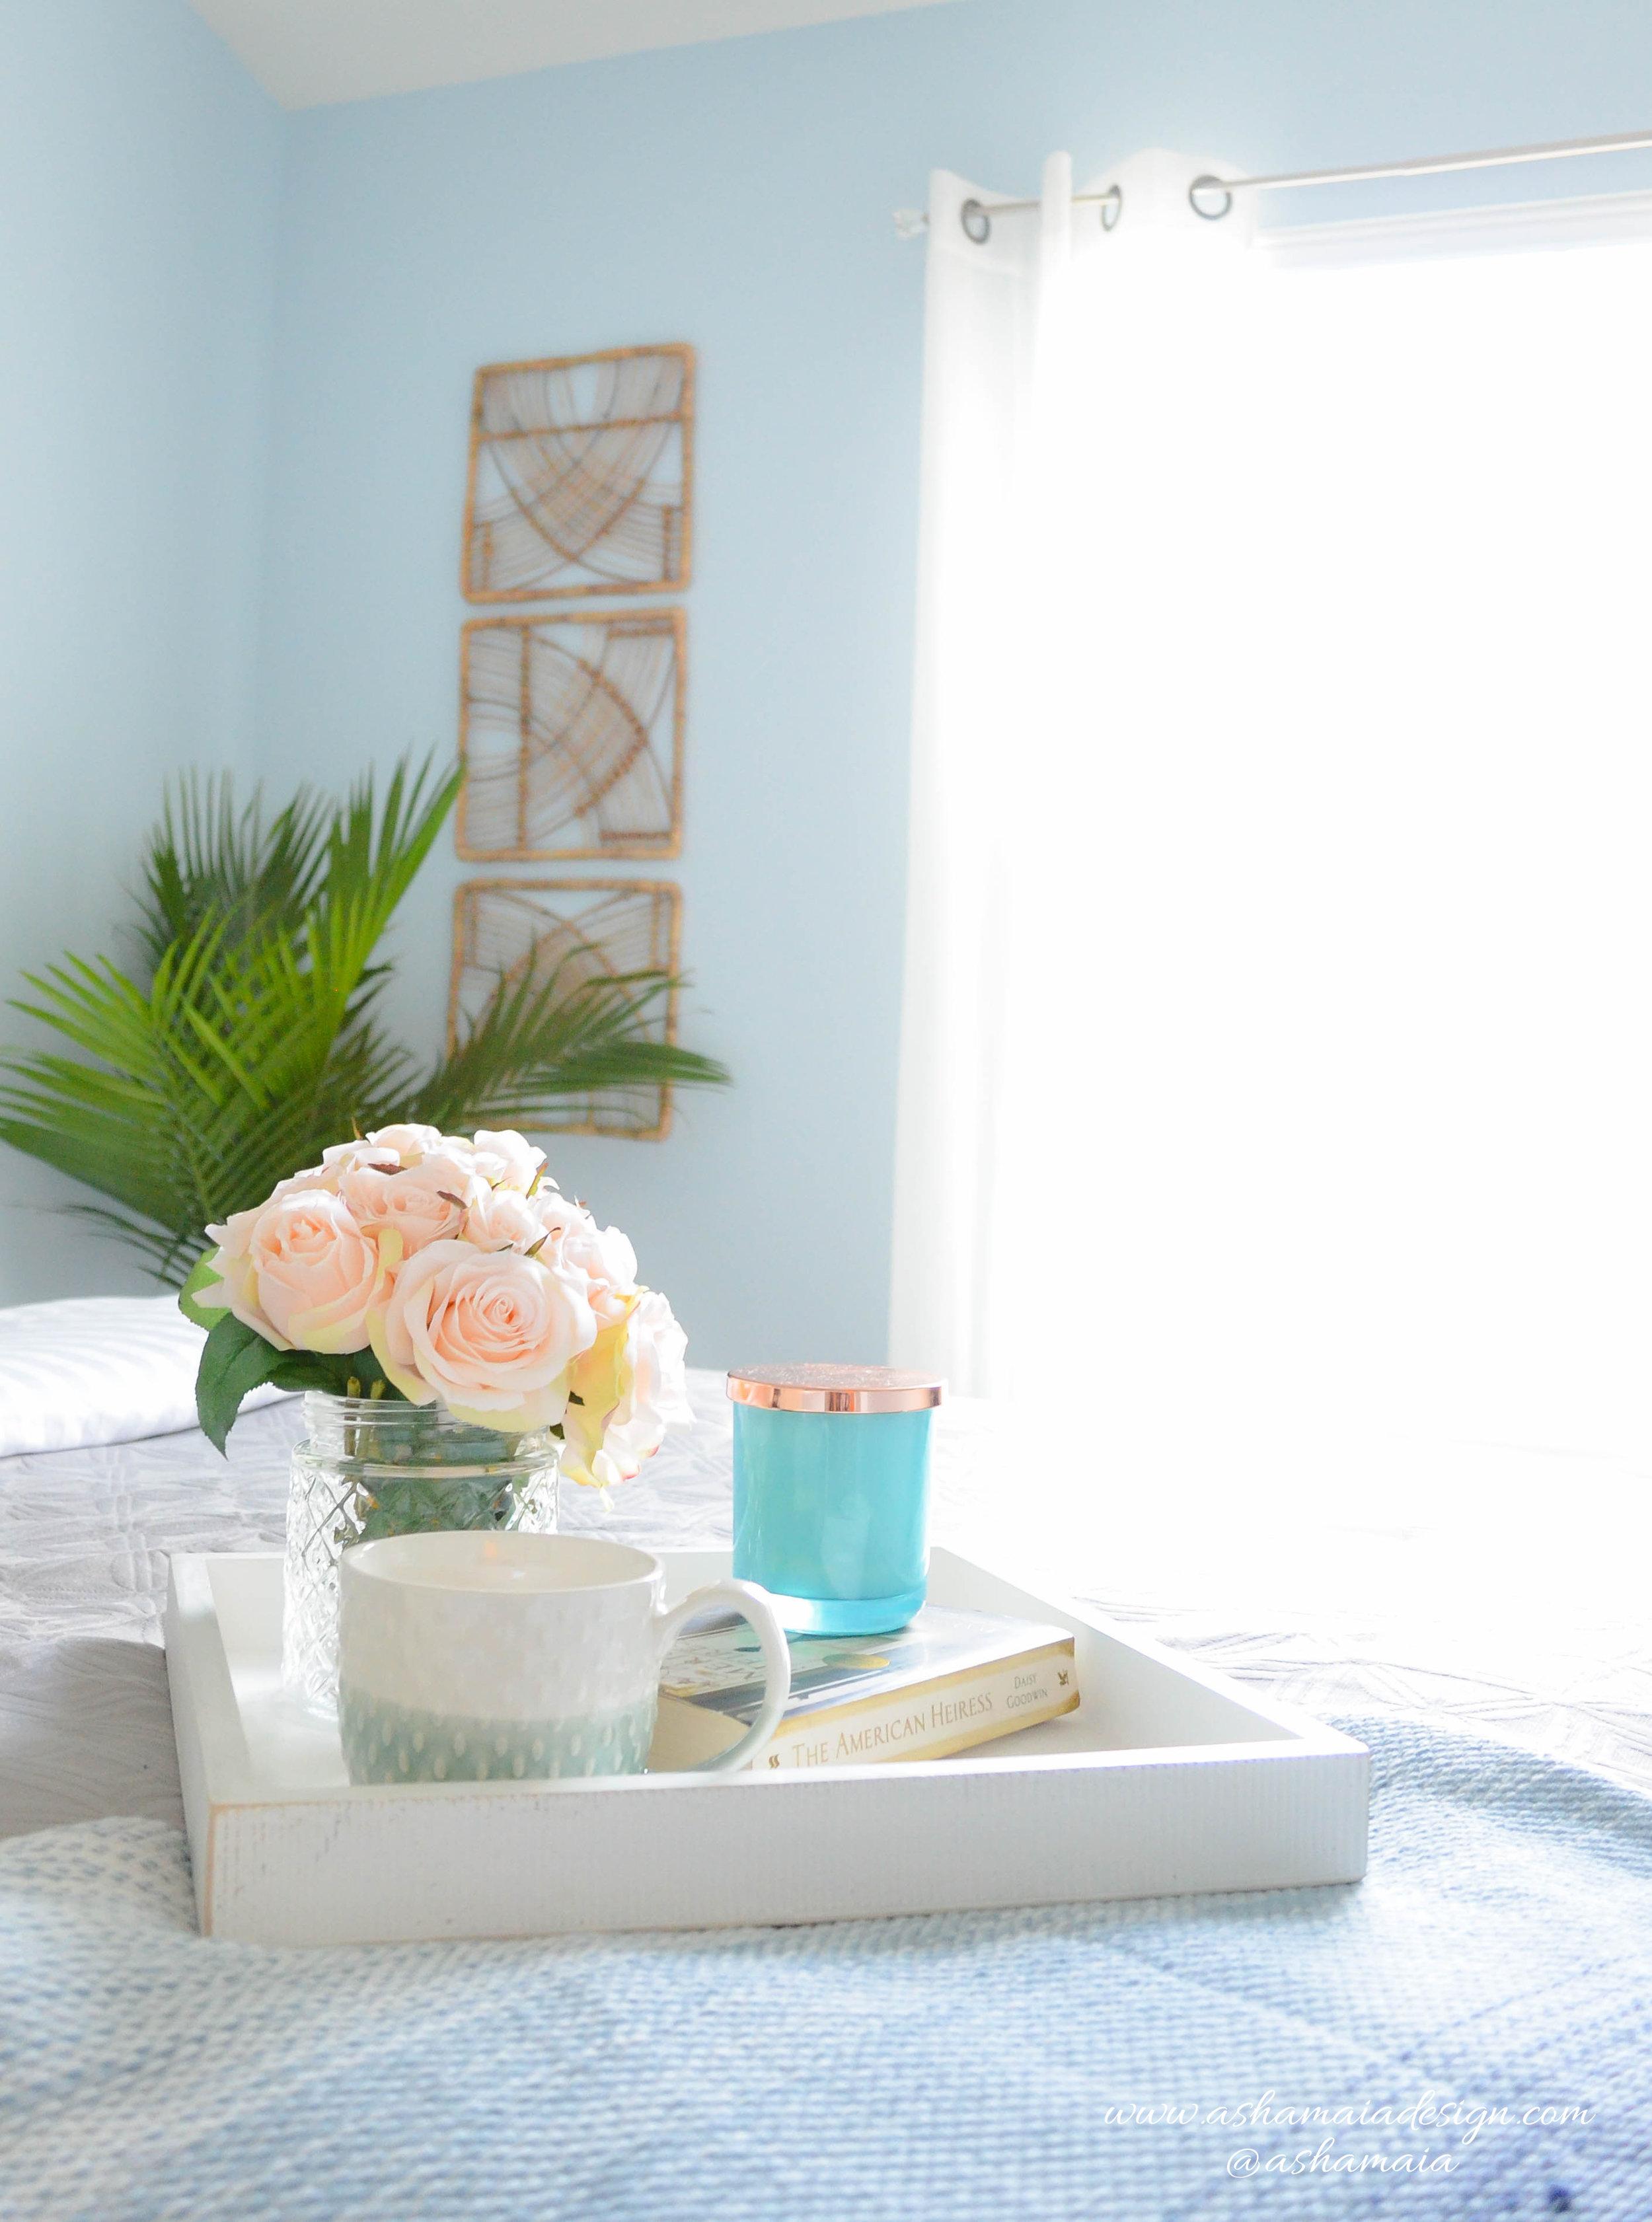 Caribbean Tropical Bedroom-22.jpg